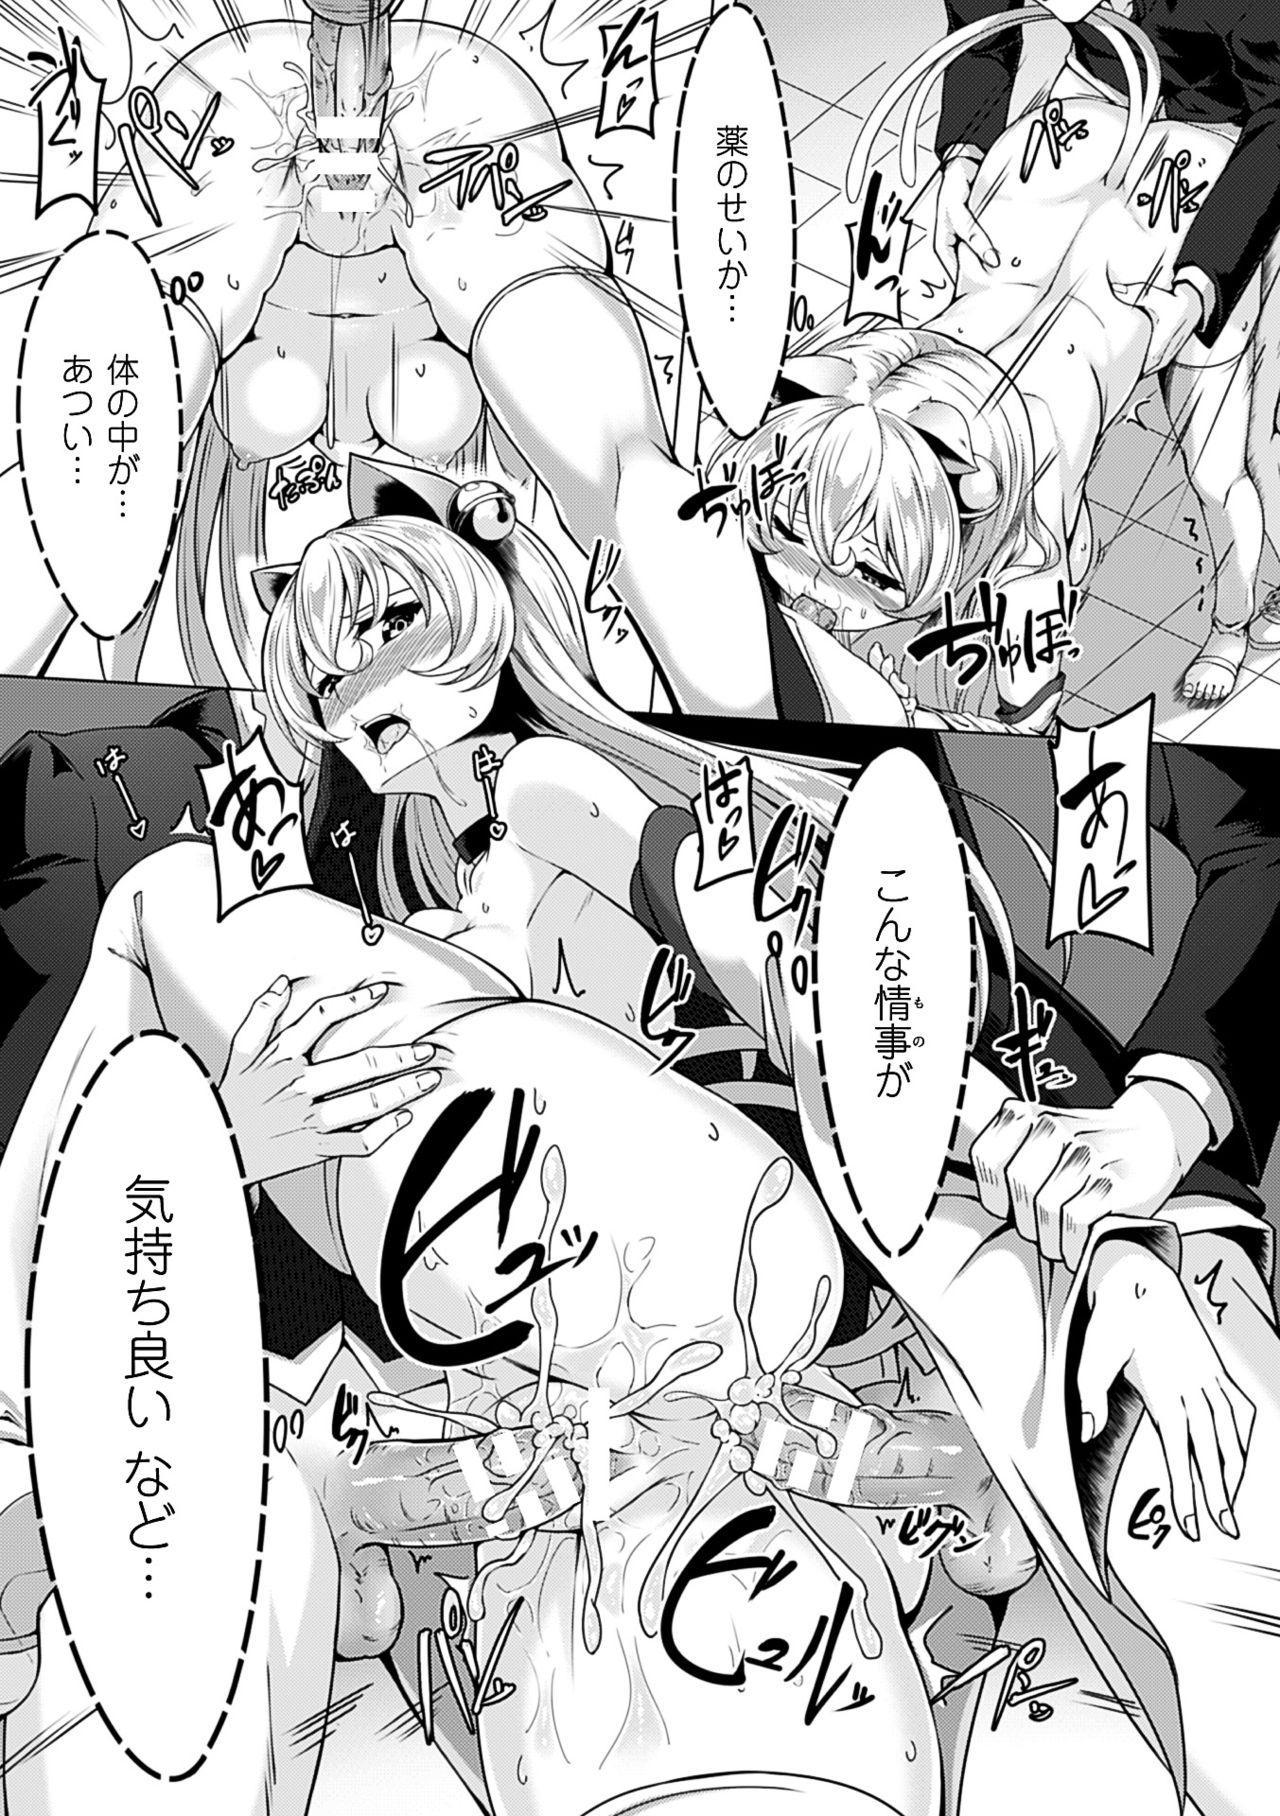 2D Comic Magazine Jingai Musume Haramase Kedakaki Mesu-tachi wa Ningen Kodane ni Kuppuku Suru Vol. 2 56